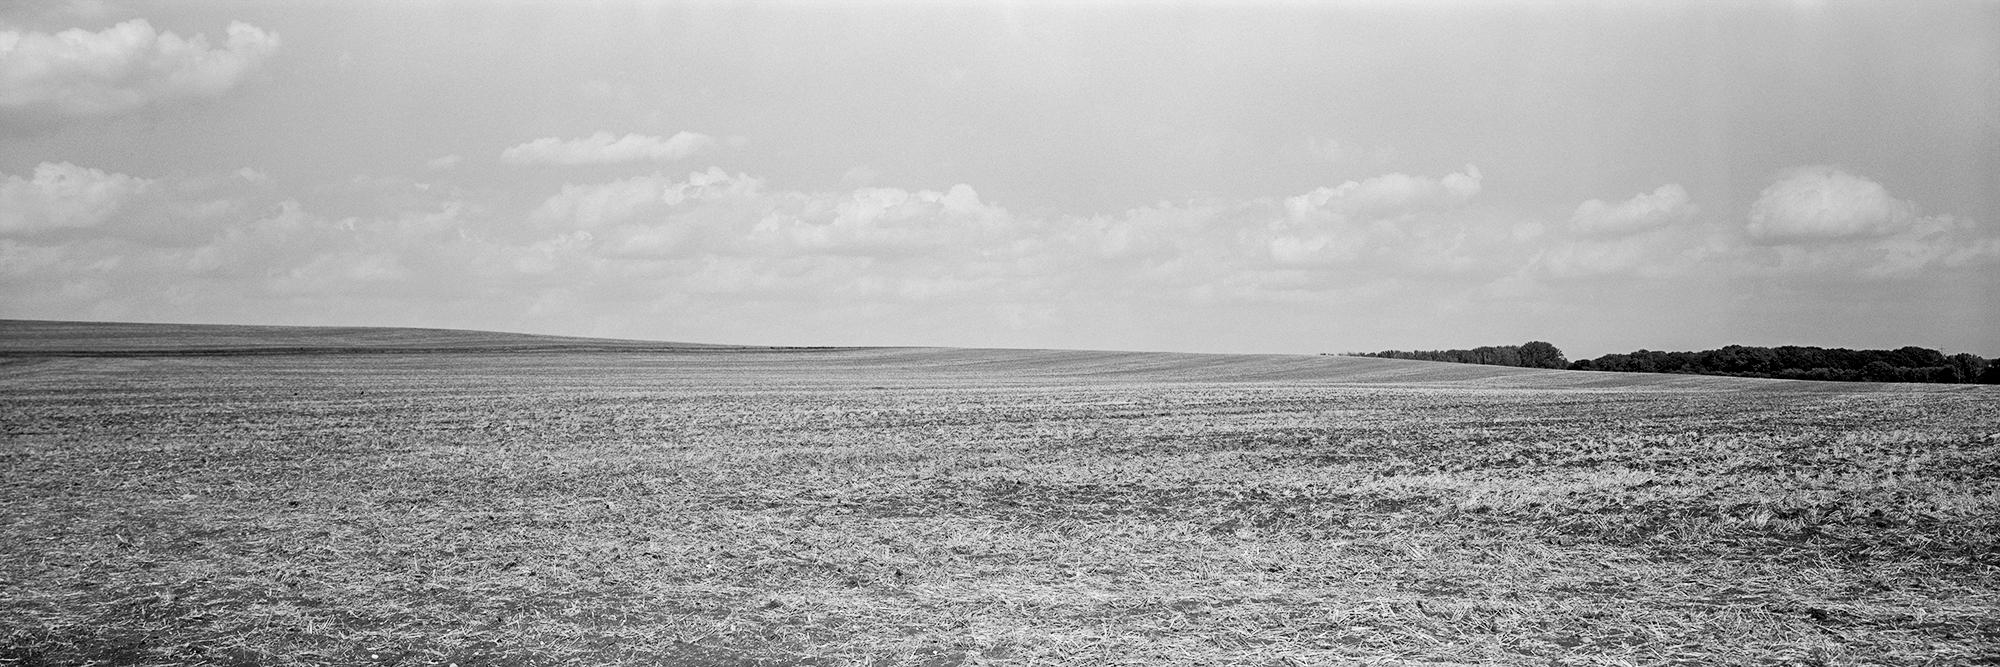 Landschaftspanorama 6x17 analog schwarzweiss